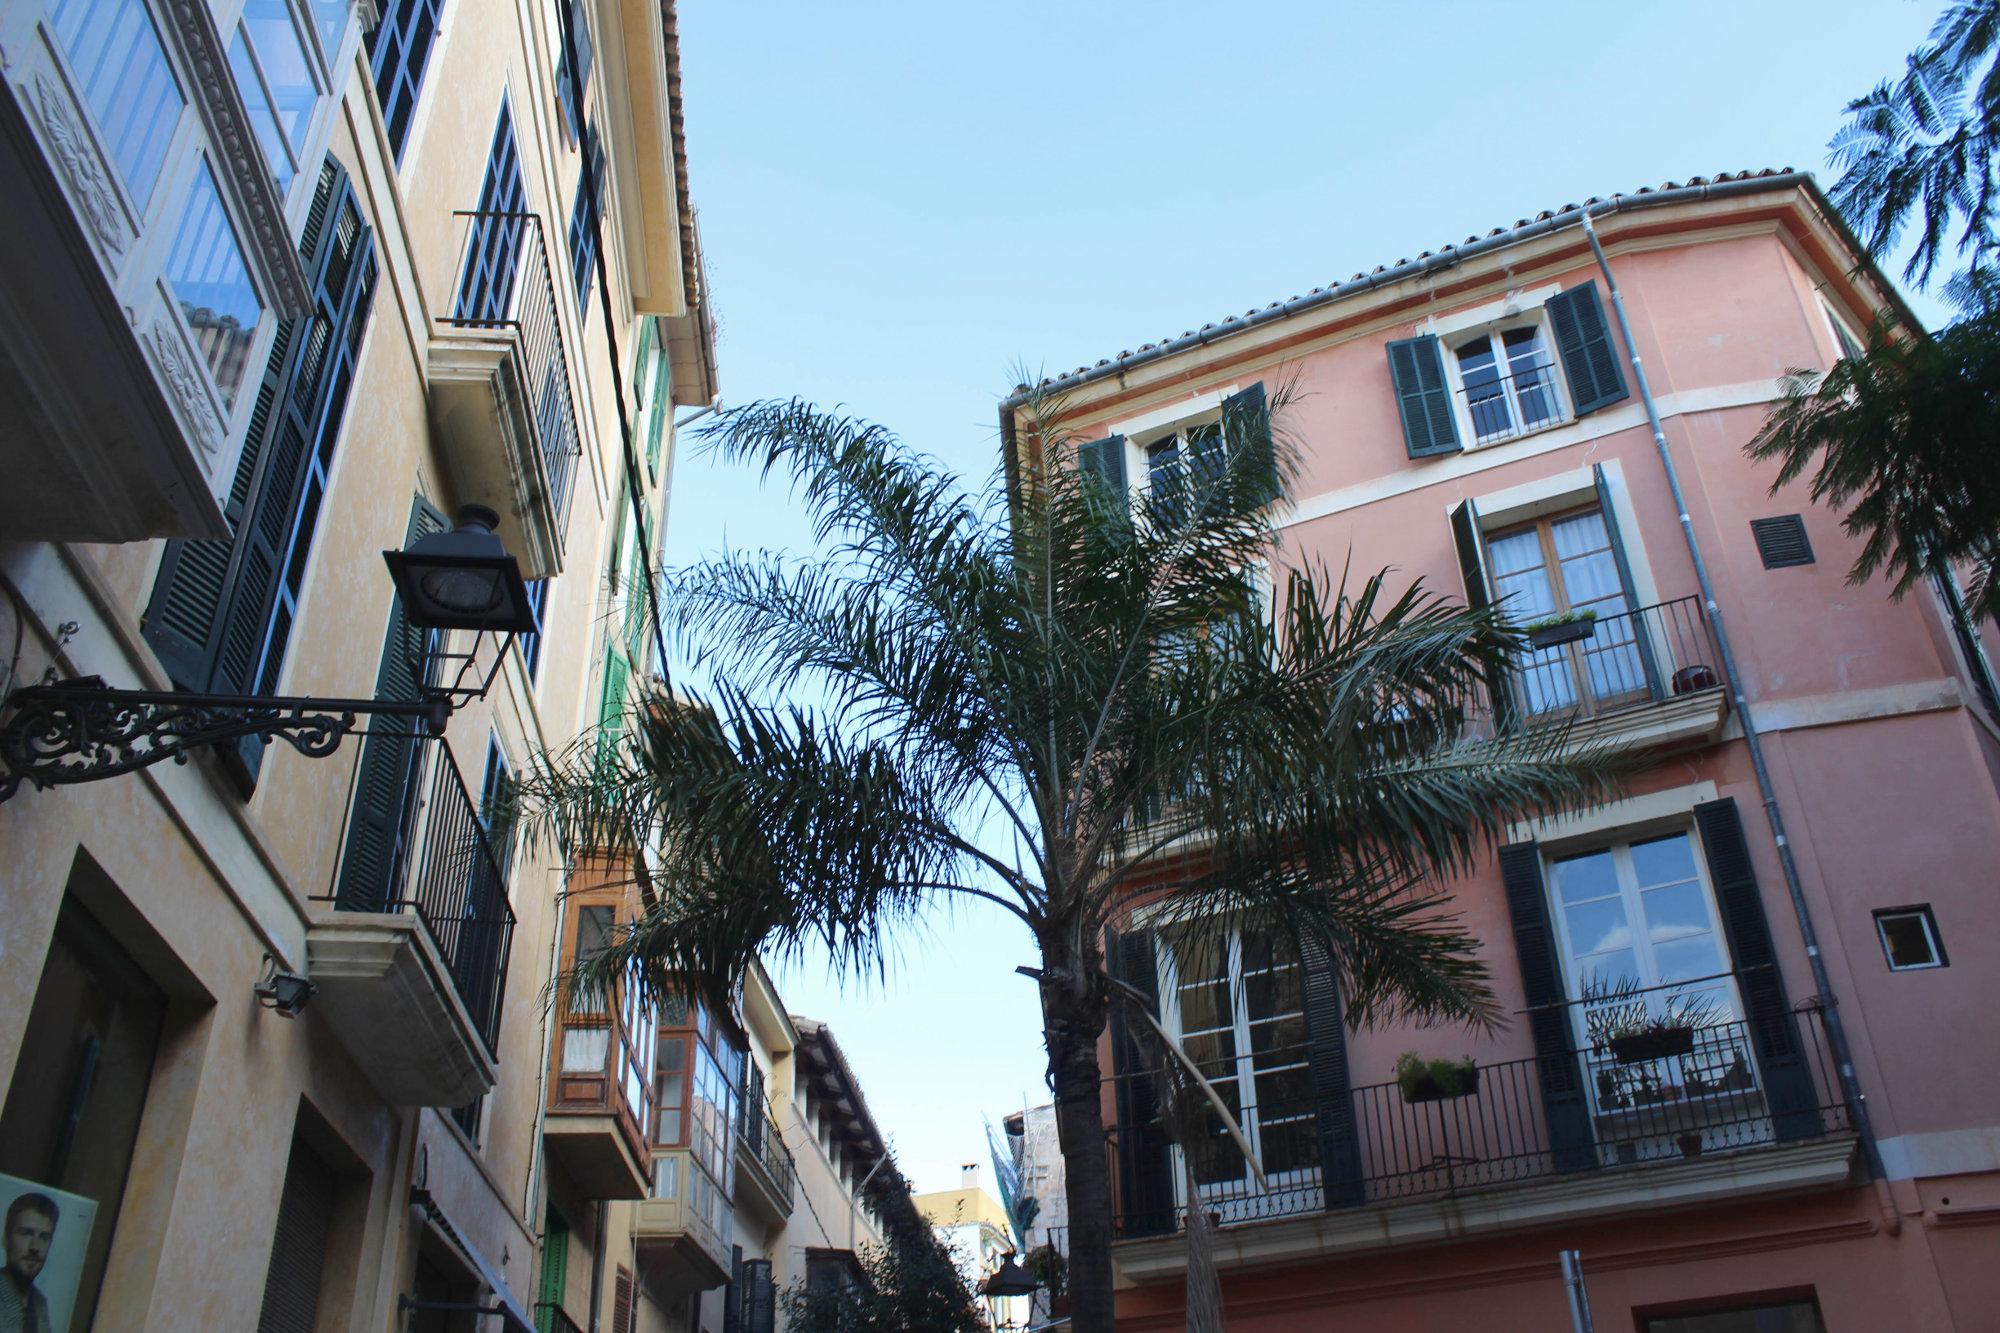 Palme in Straßen von Palma de Mallorca